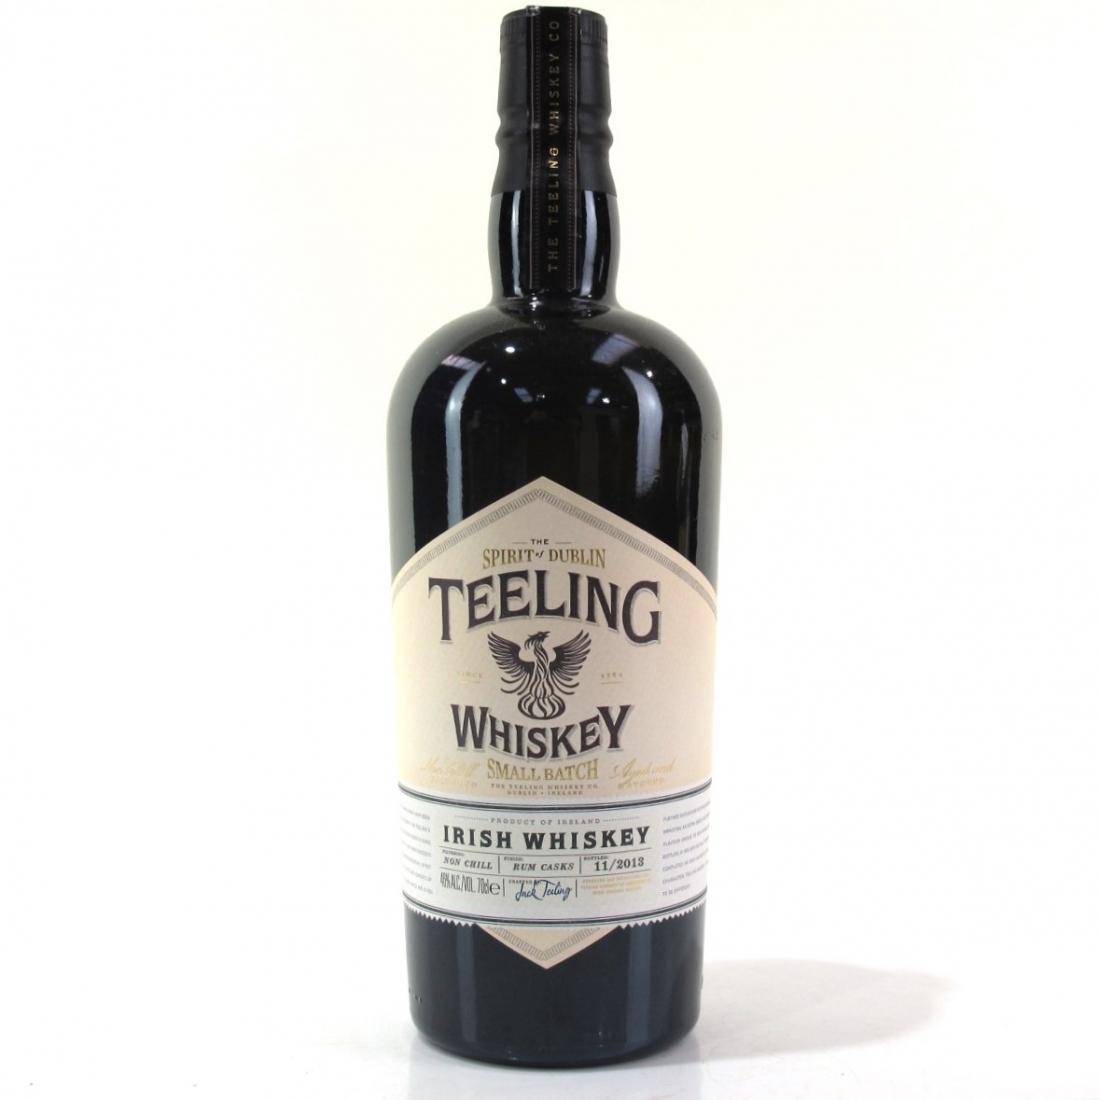 Teeling Small Batch Rum Cask